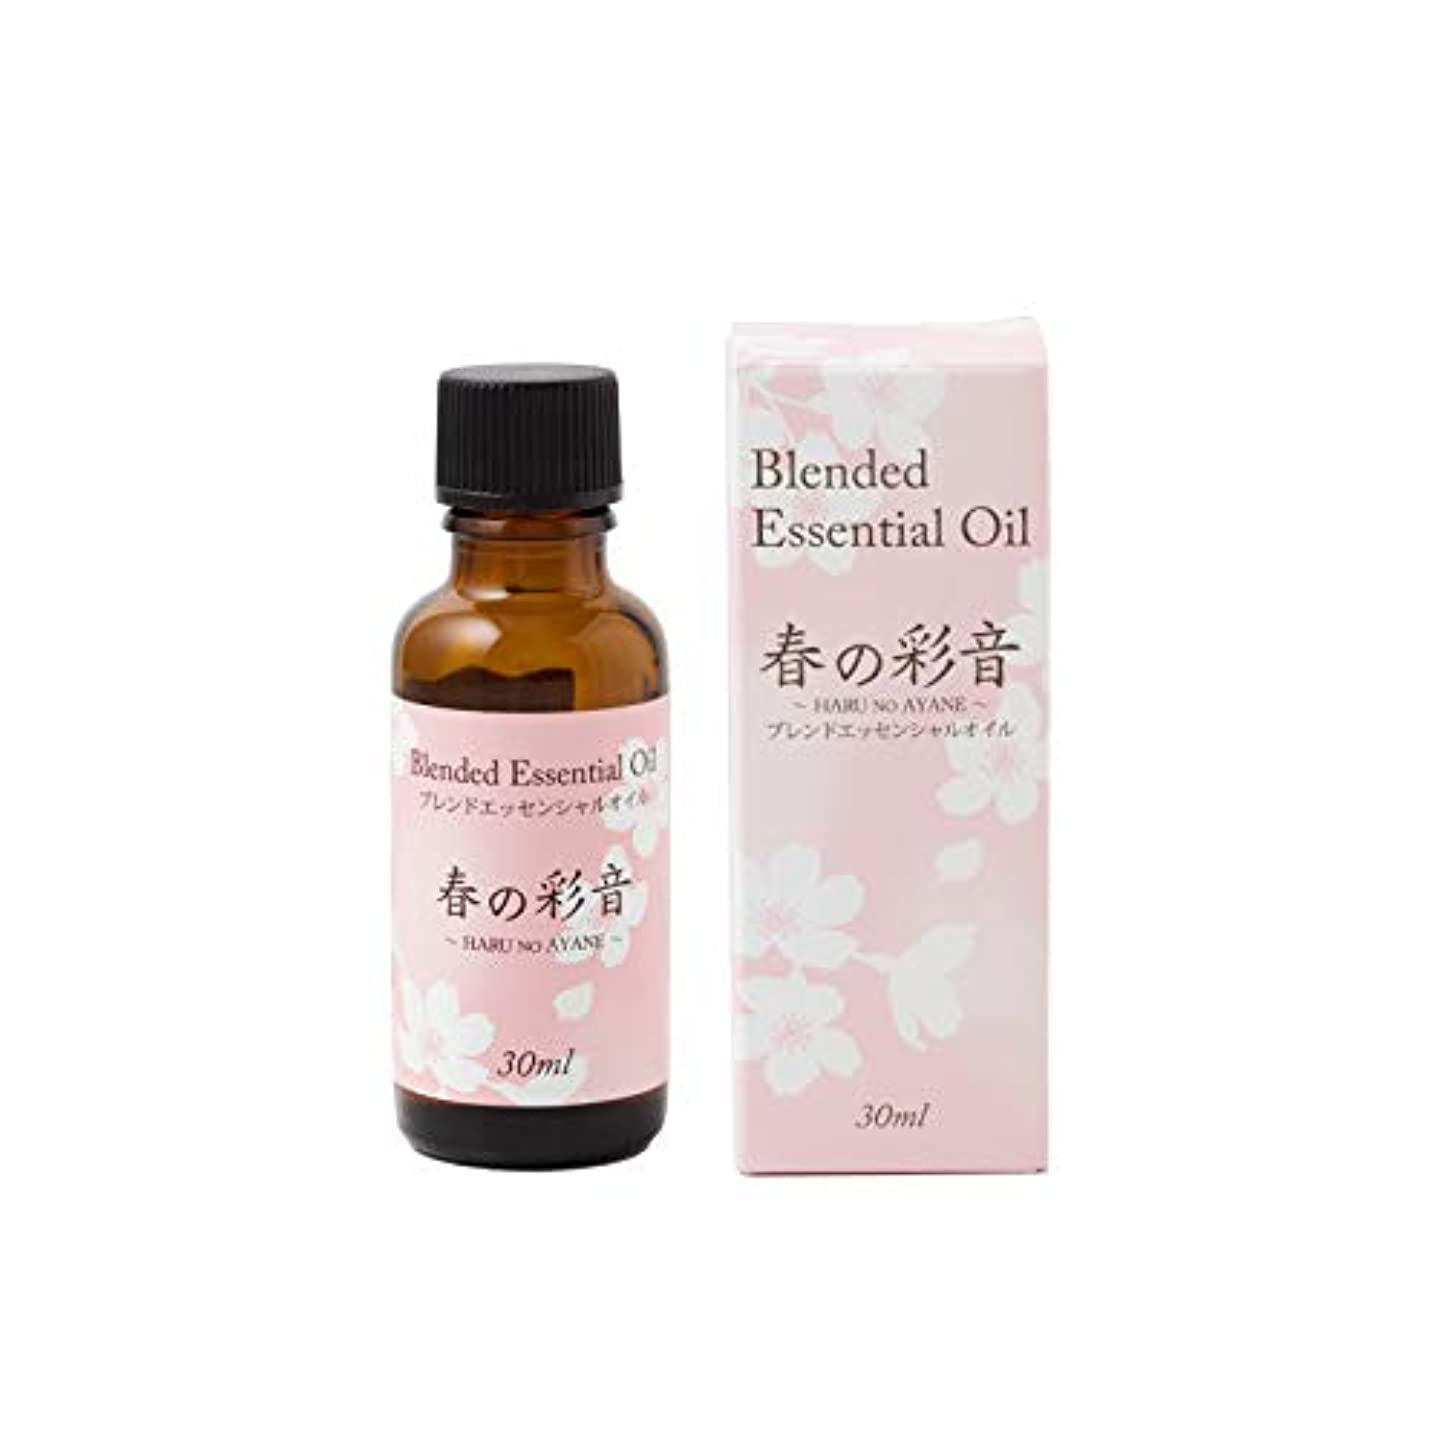 頭魅力密度生活の木 ブレンドエッセンシャルオイル 春の彩音(30ml)